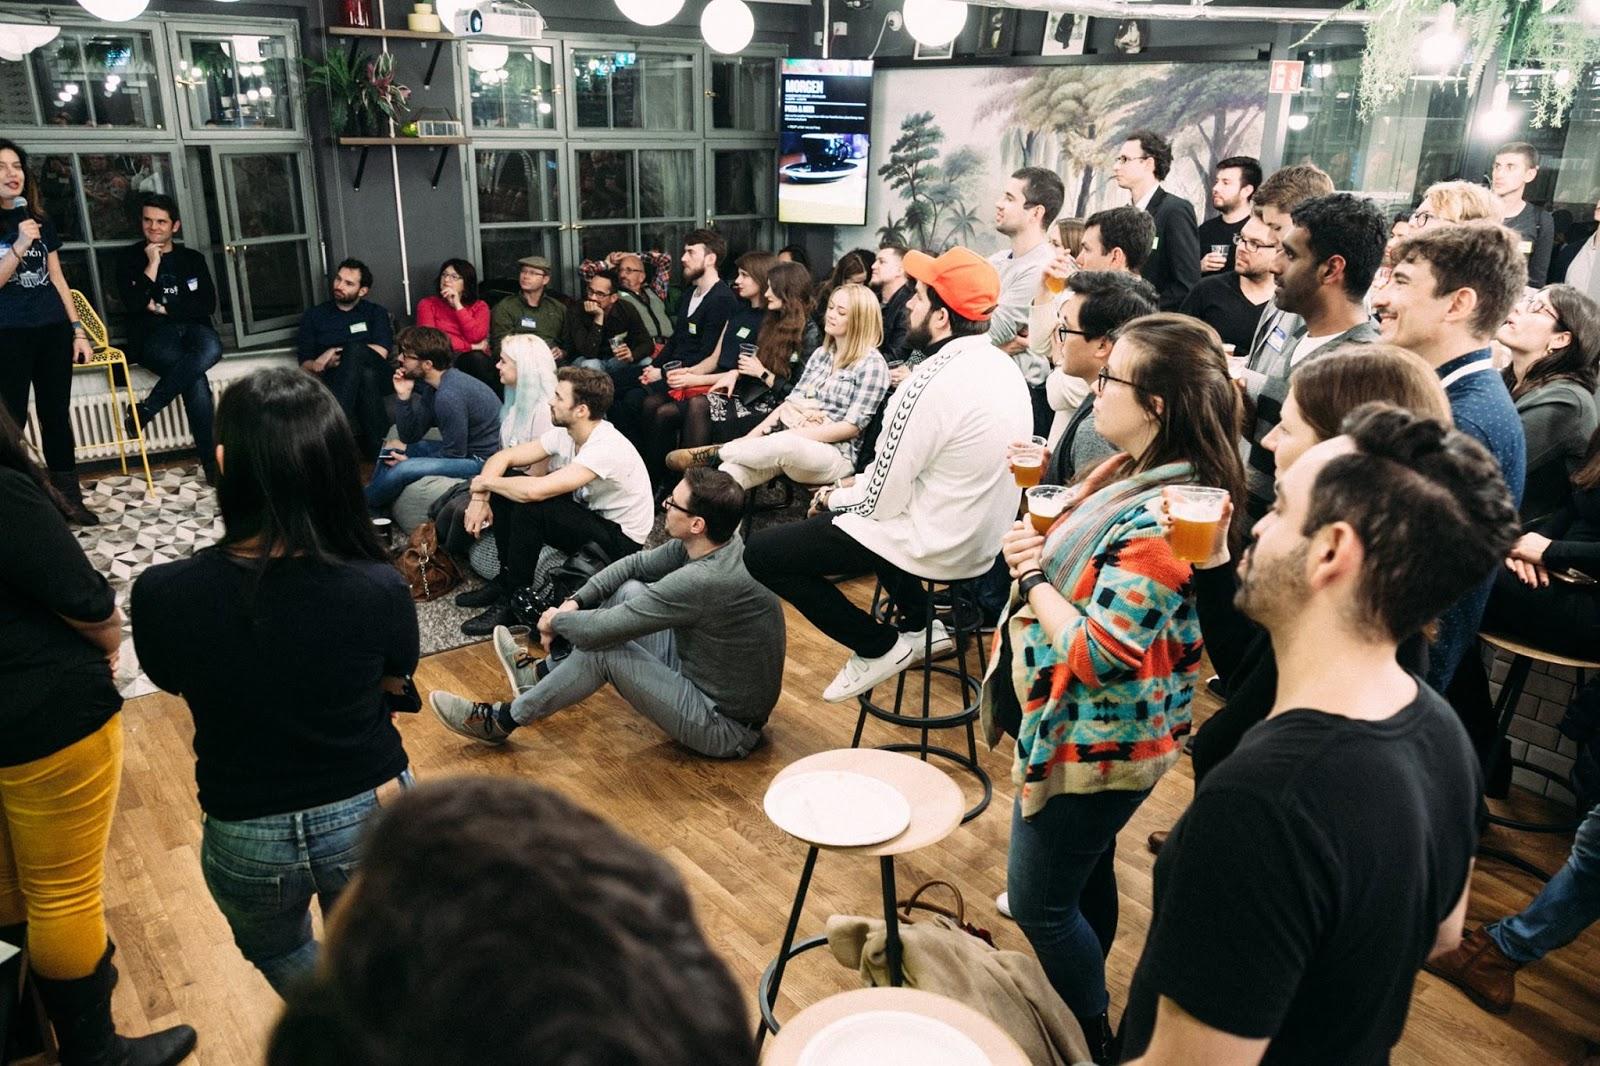 Audience watching panelist speak